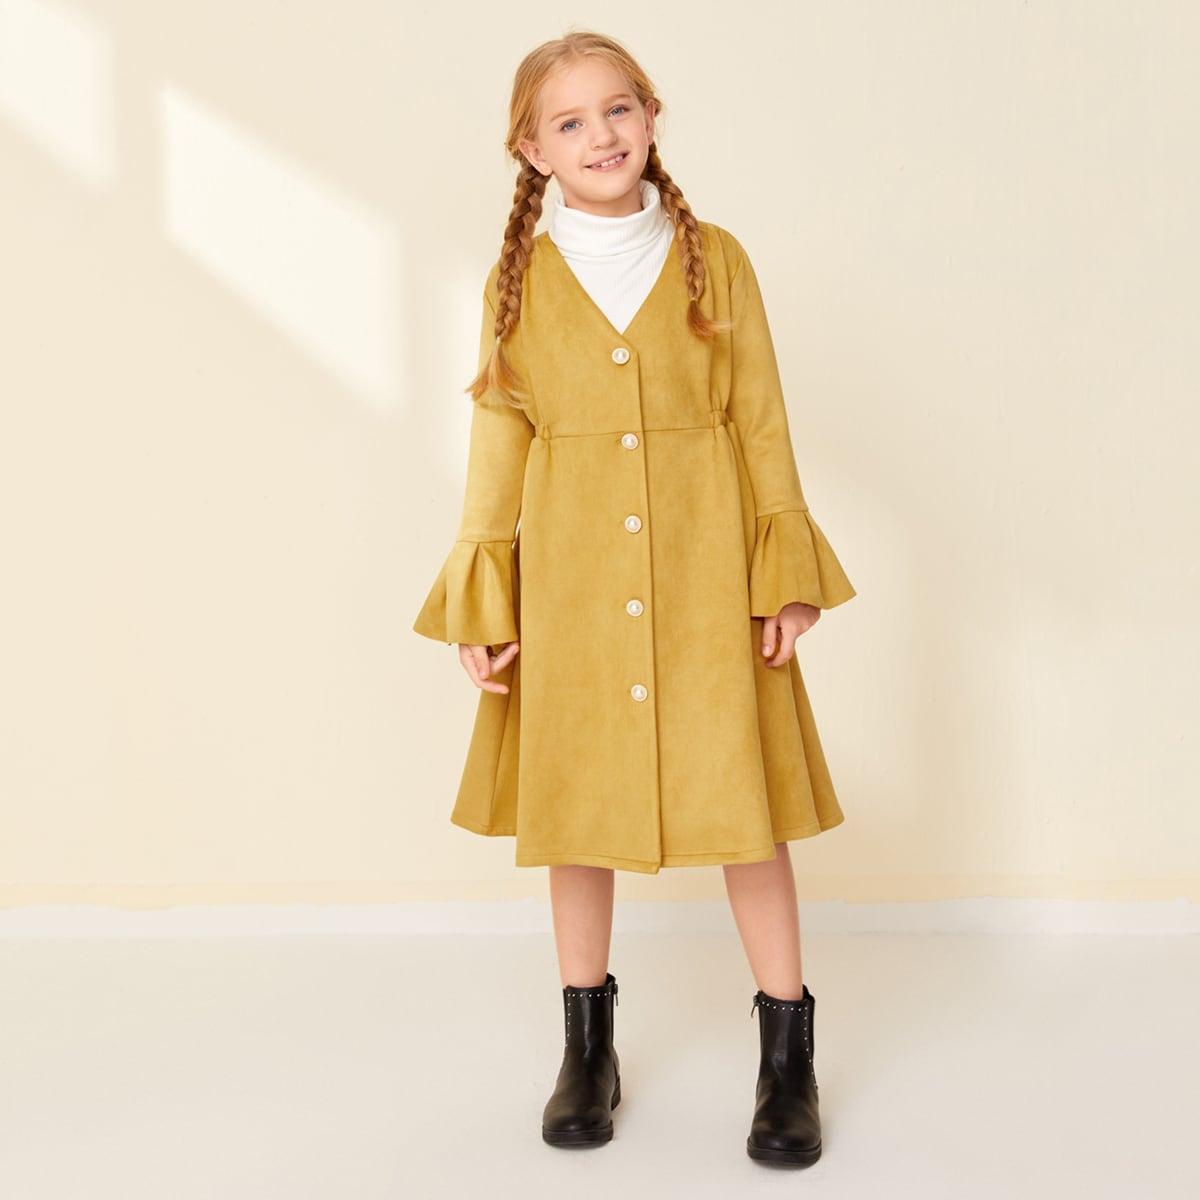 Mantel mit Schößchenärmeln und Knöpfen vorn